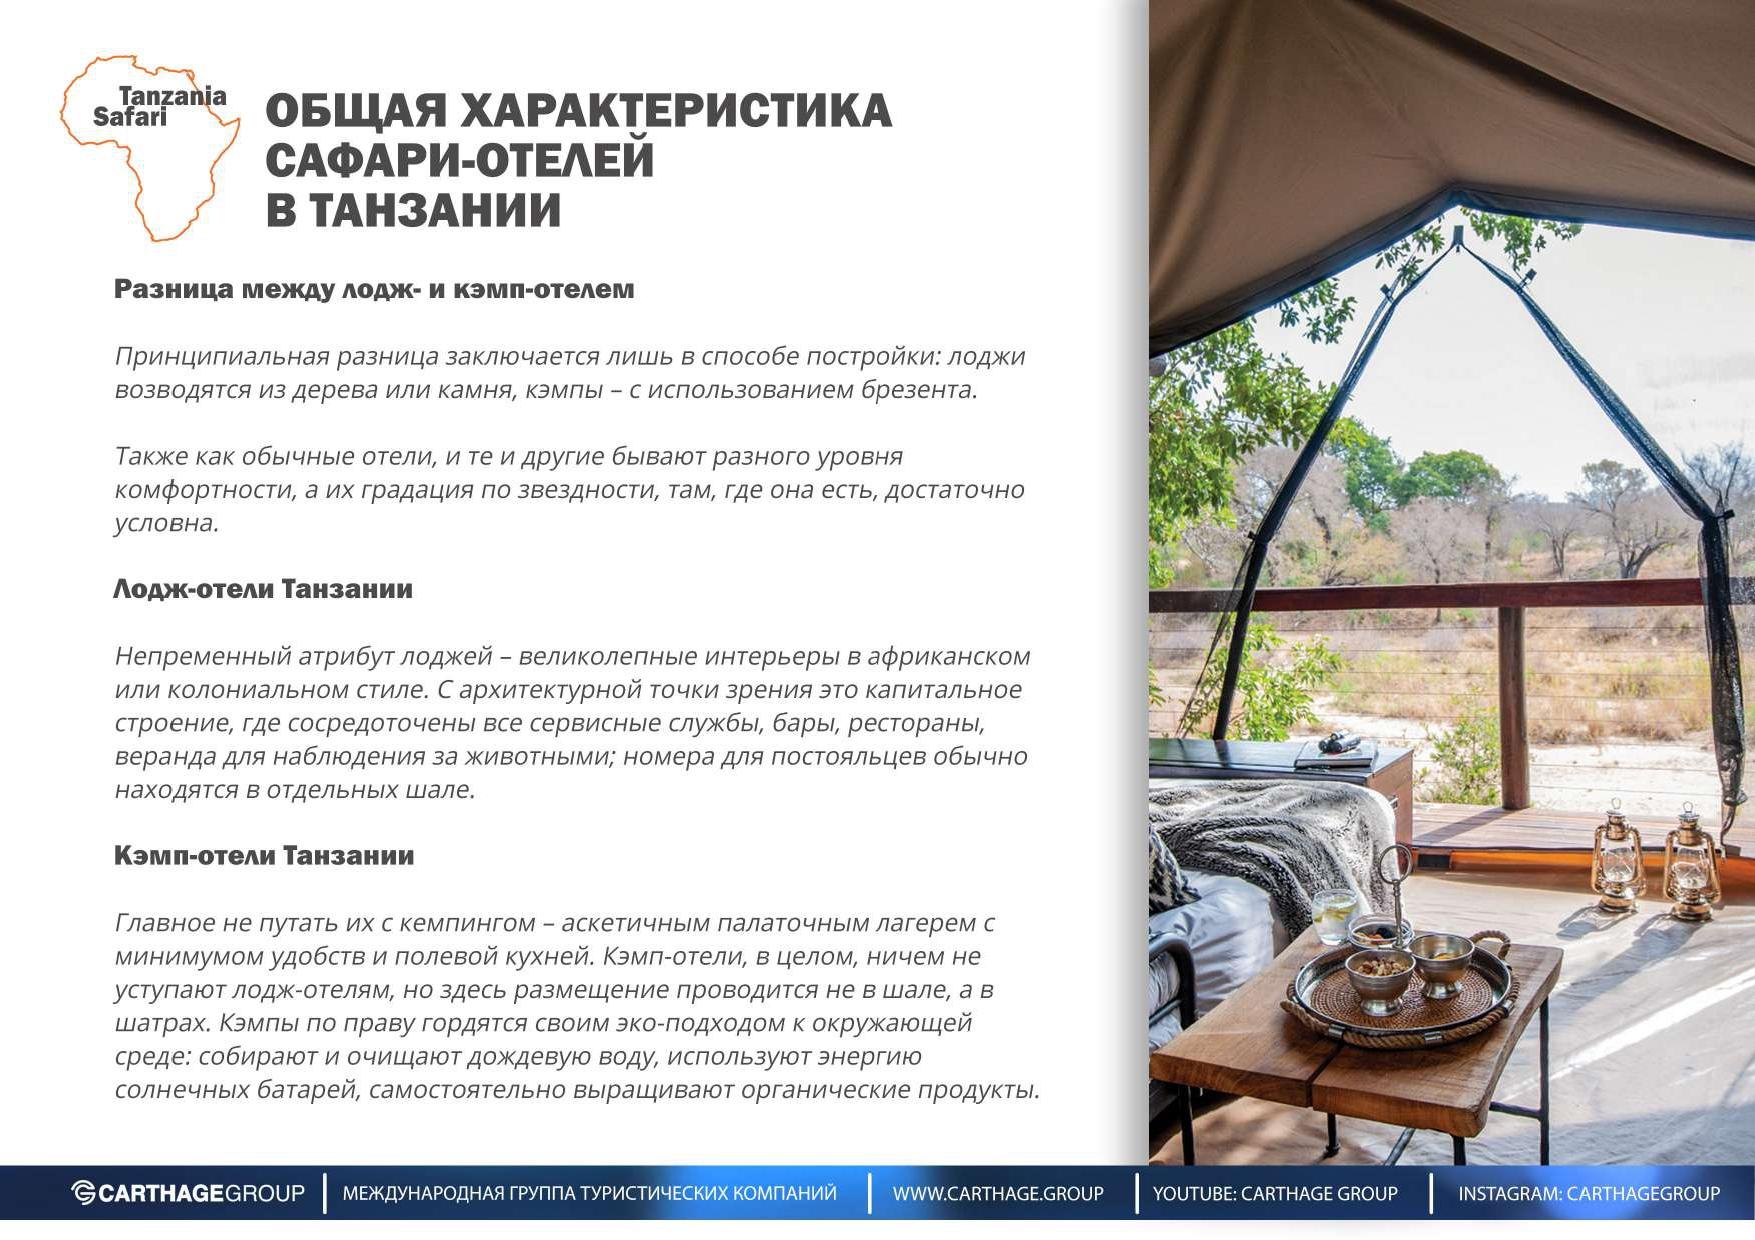 Танзания_2020_-_1_декабря - с ссылками_page-0021